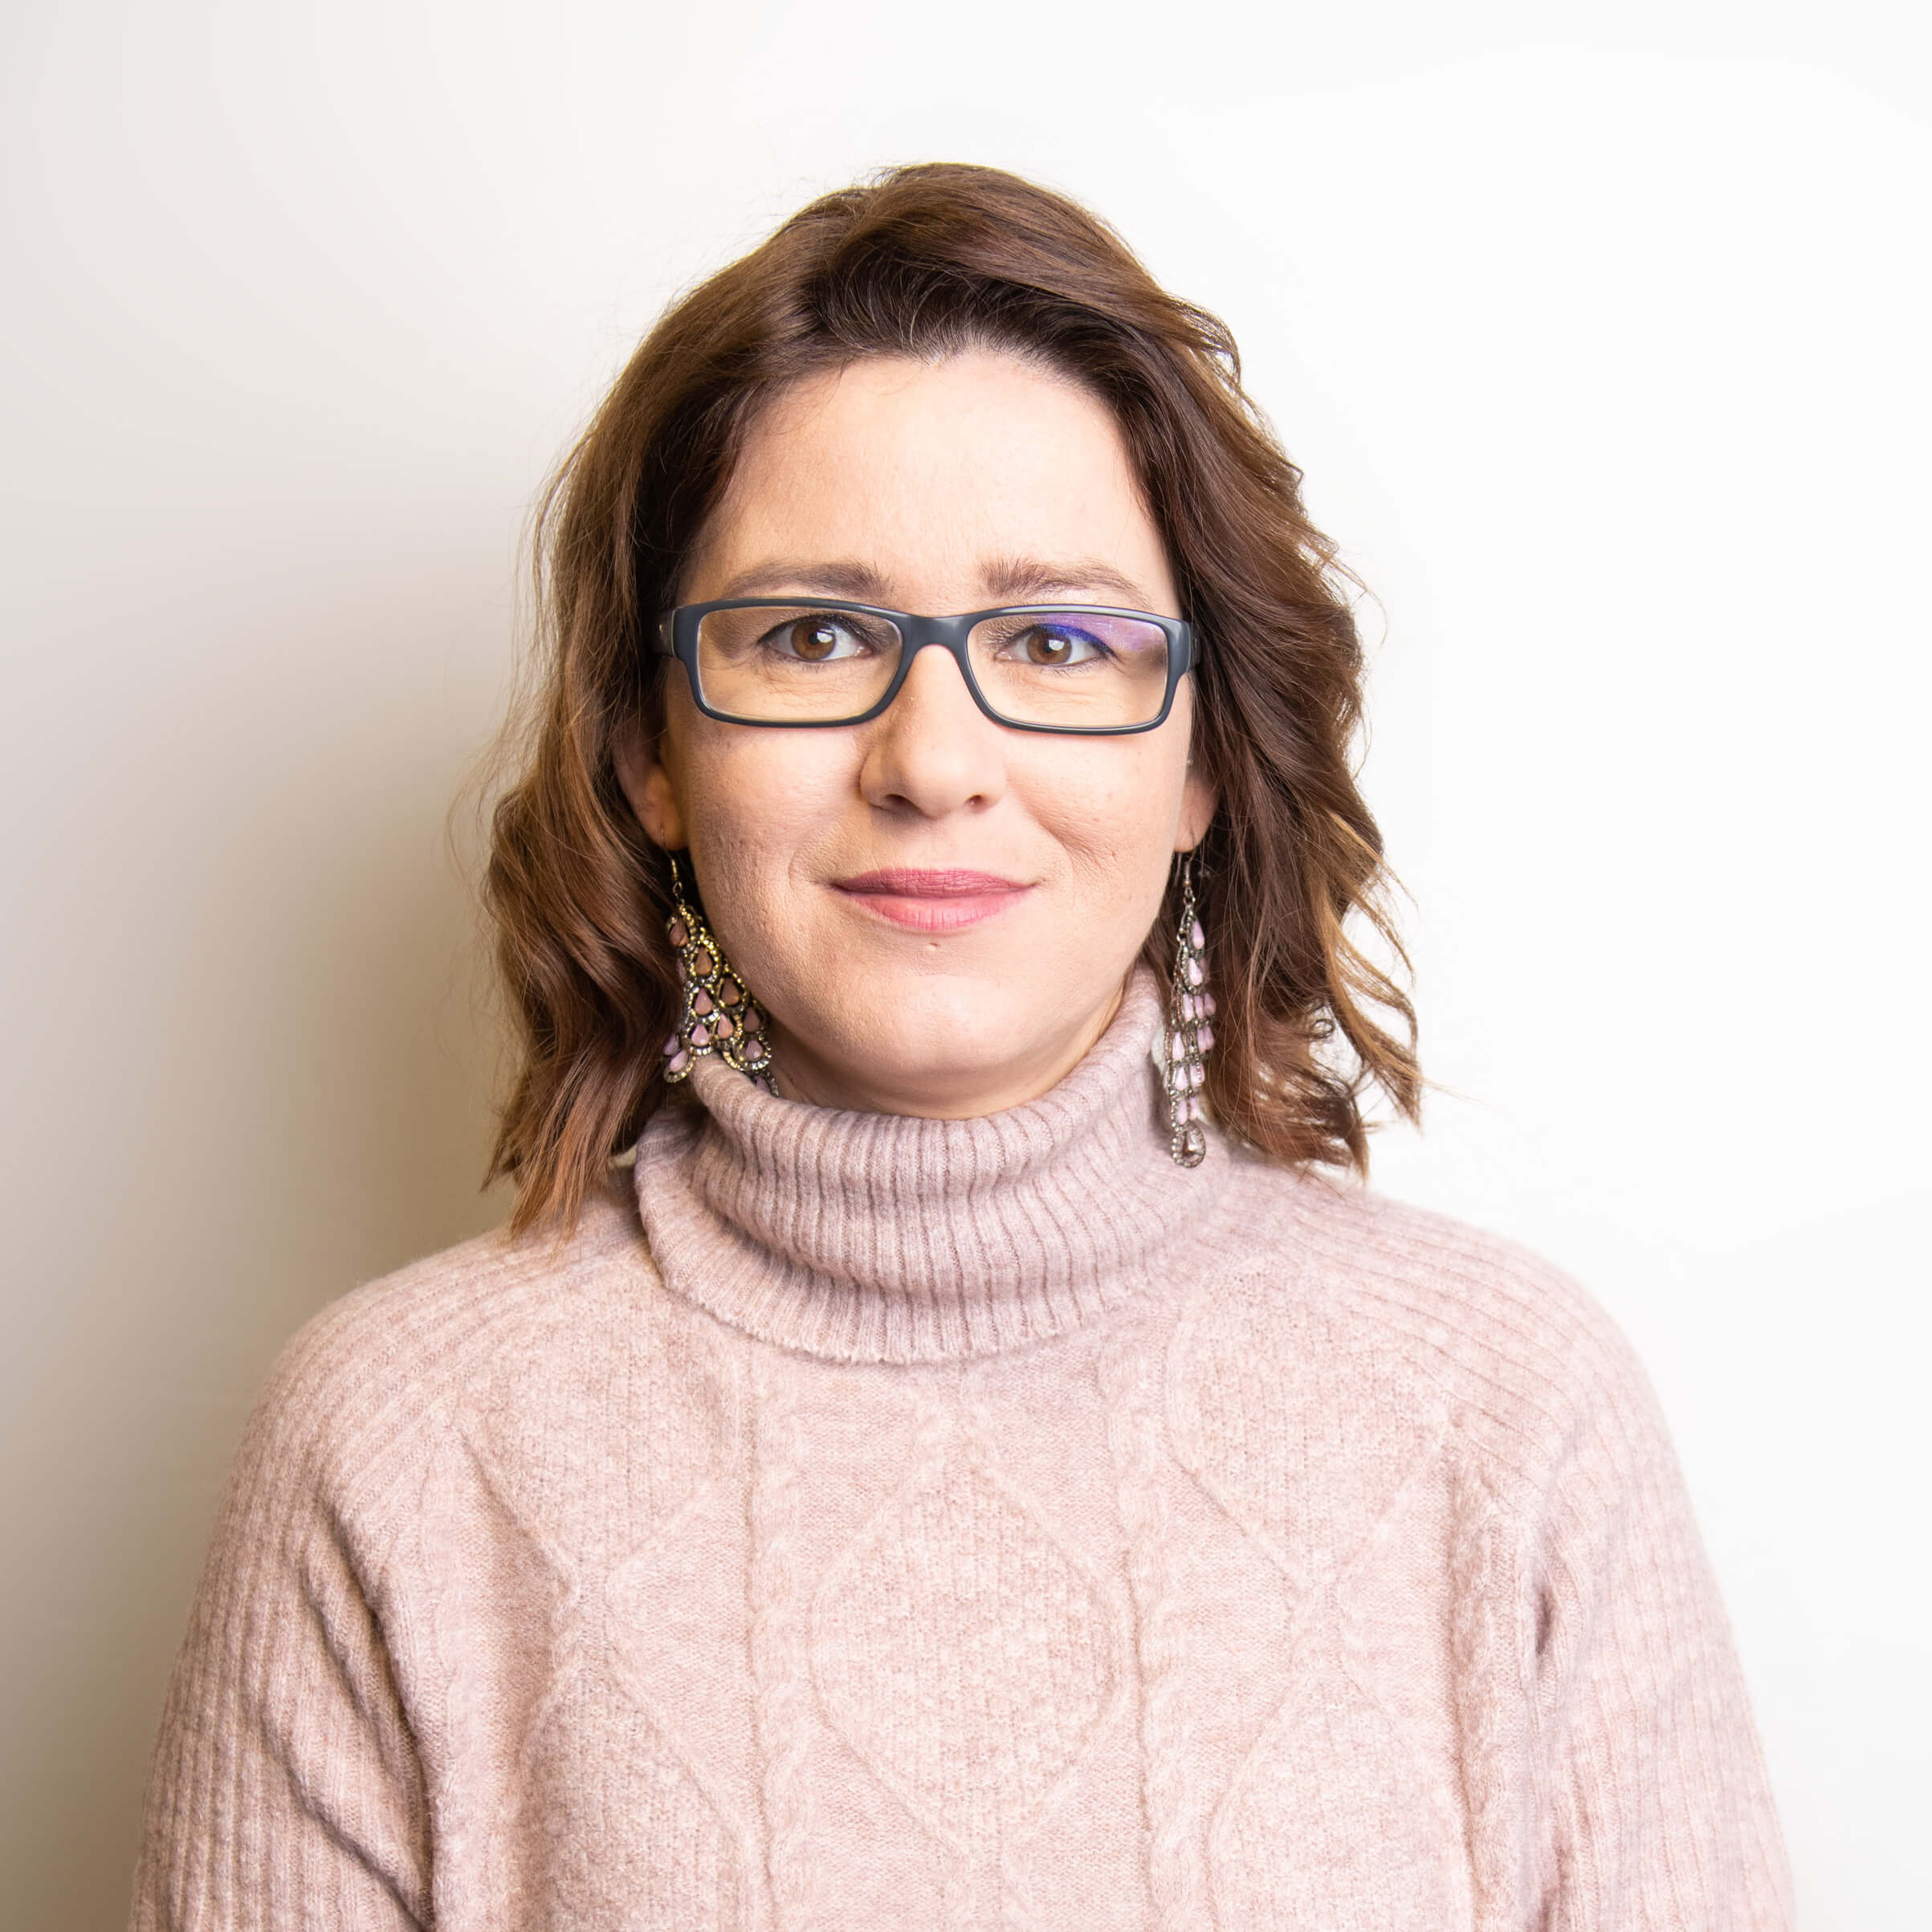 https://www.haar-werk.ch/wp-content/uploads/2021/01/Christine-Hintermann.jpg